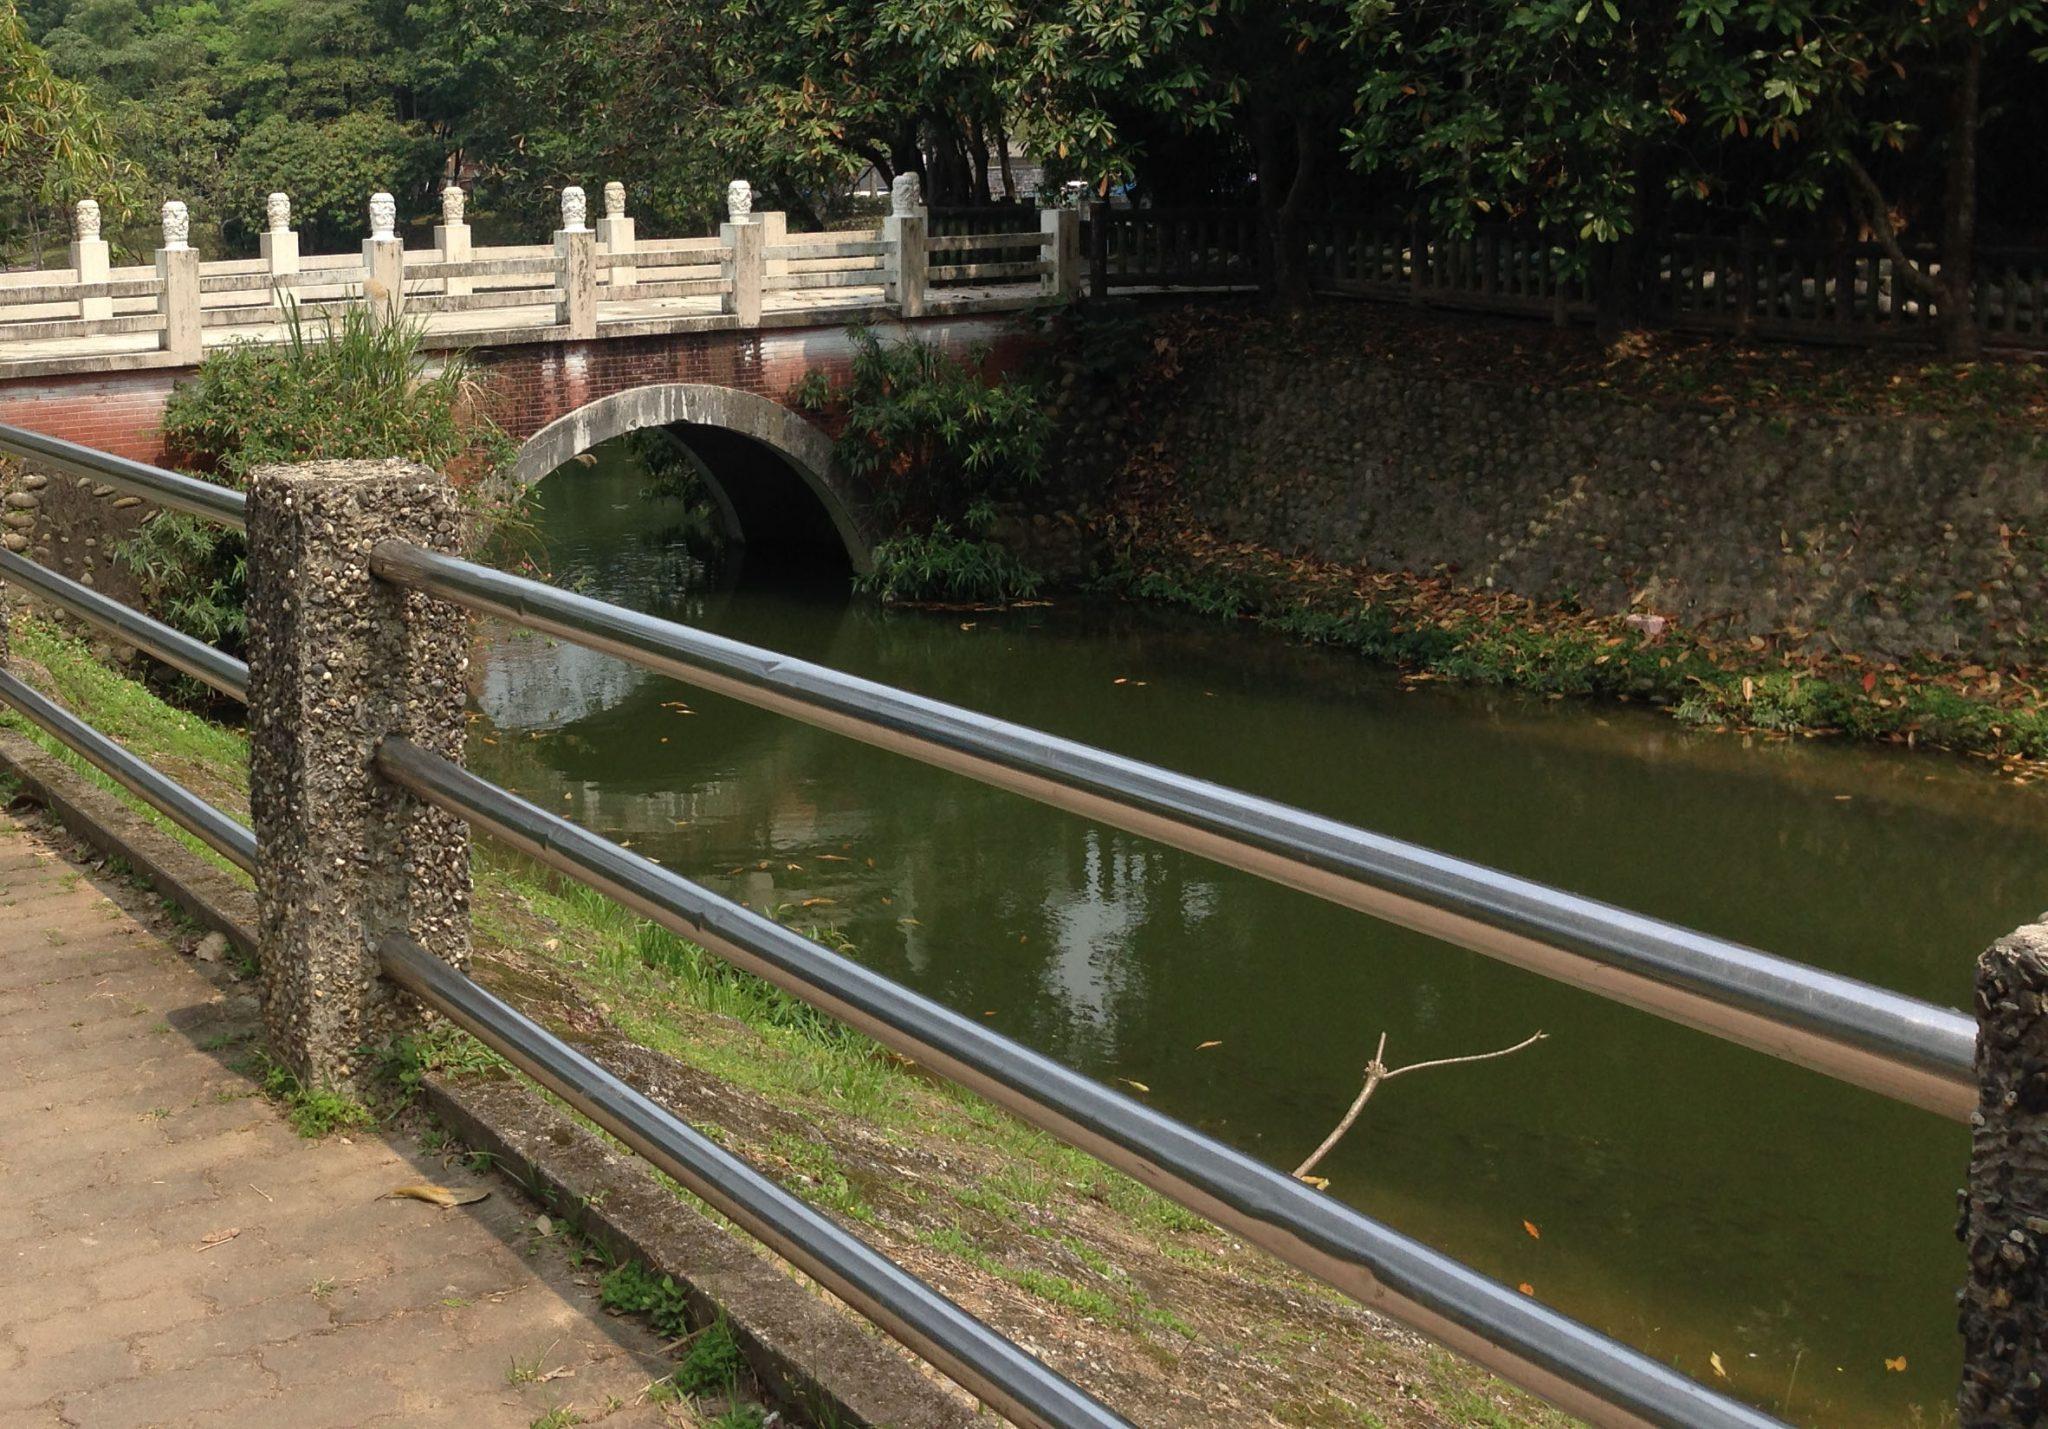 我們的公園 Park I 臺灣公園現況23